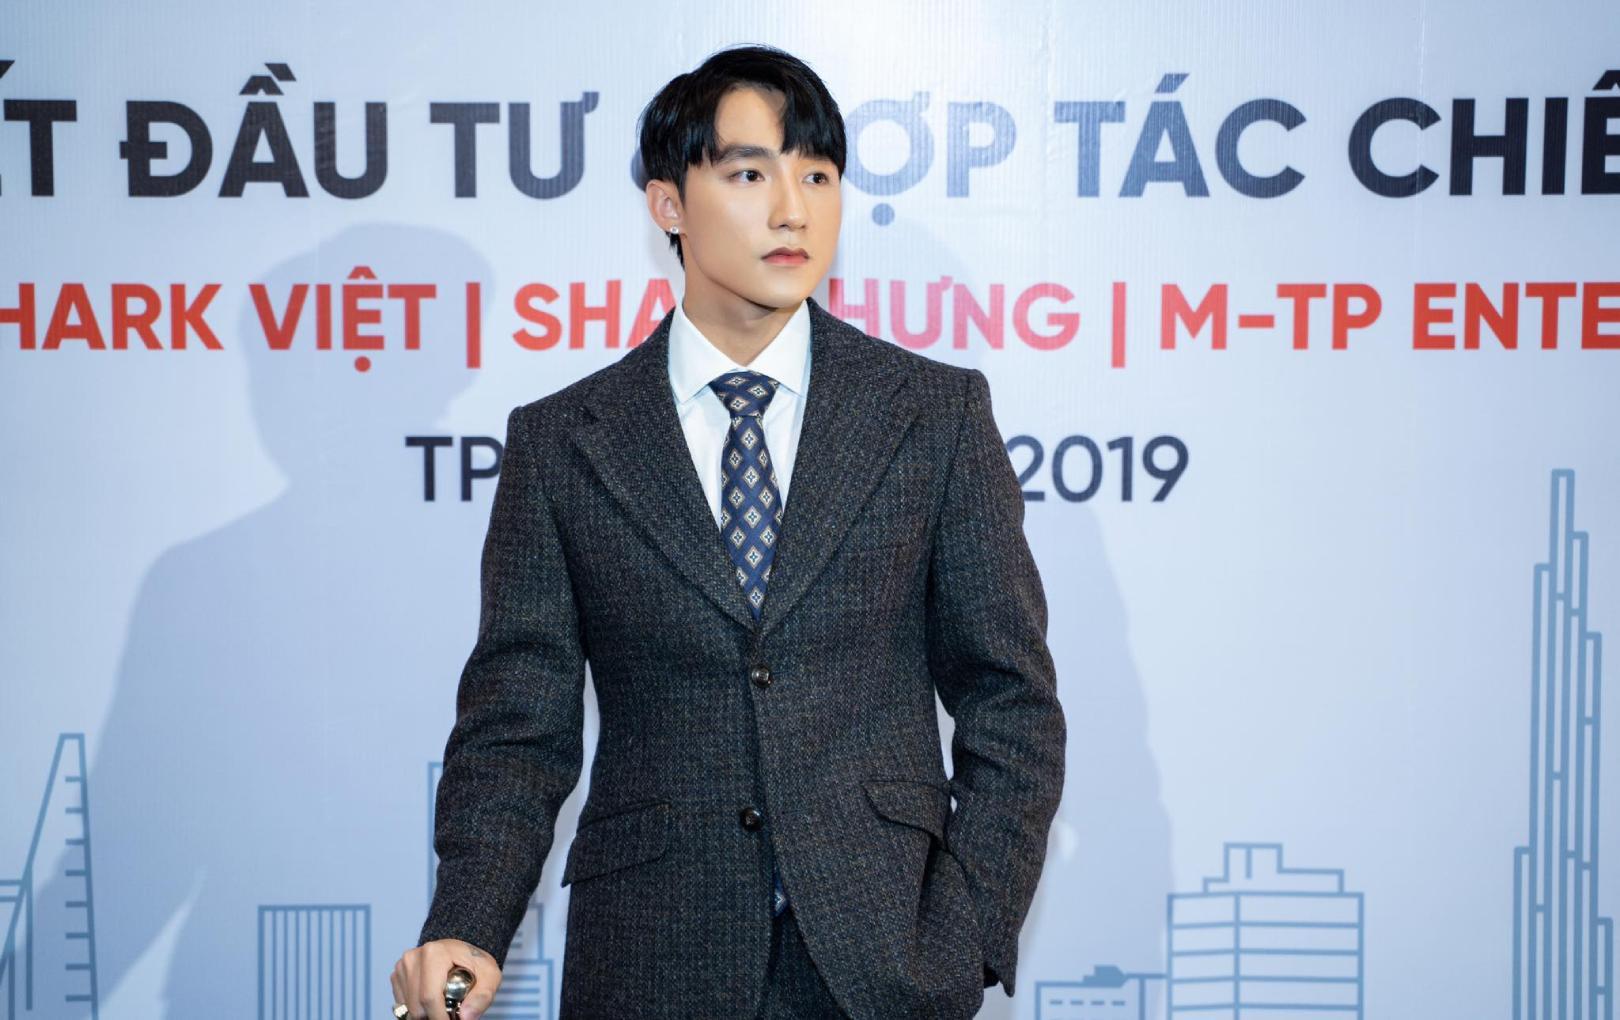 Sơn Tùng M-TP xuất hiện cực ngầu tại buổi ký kết hợp đồng đầu tư cho startup